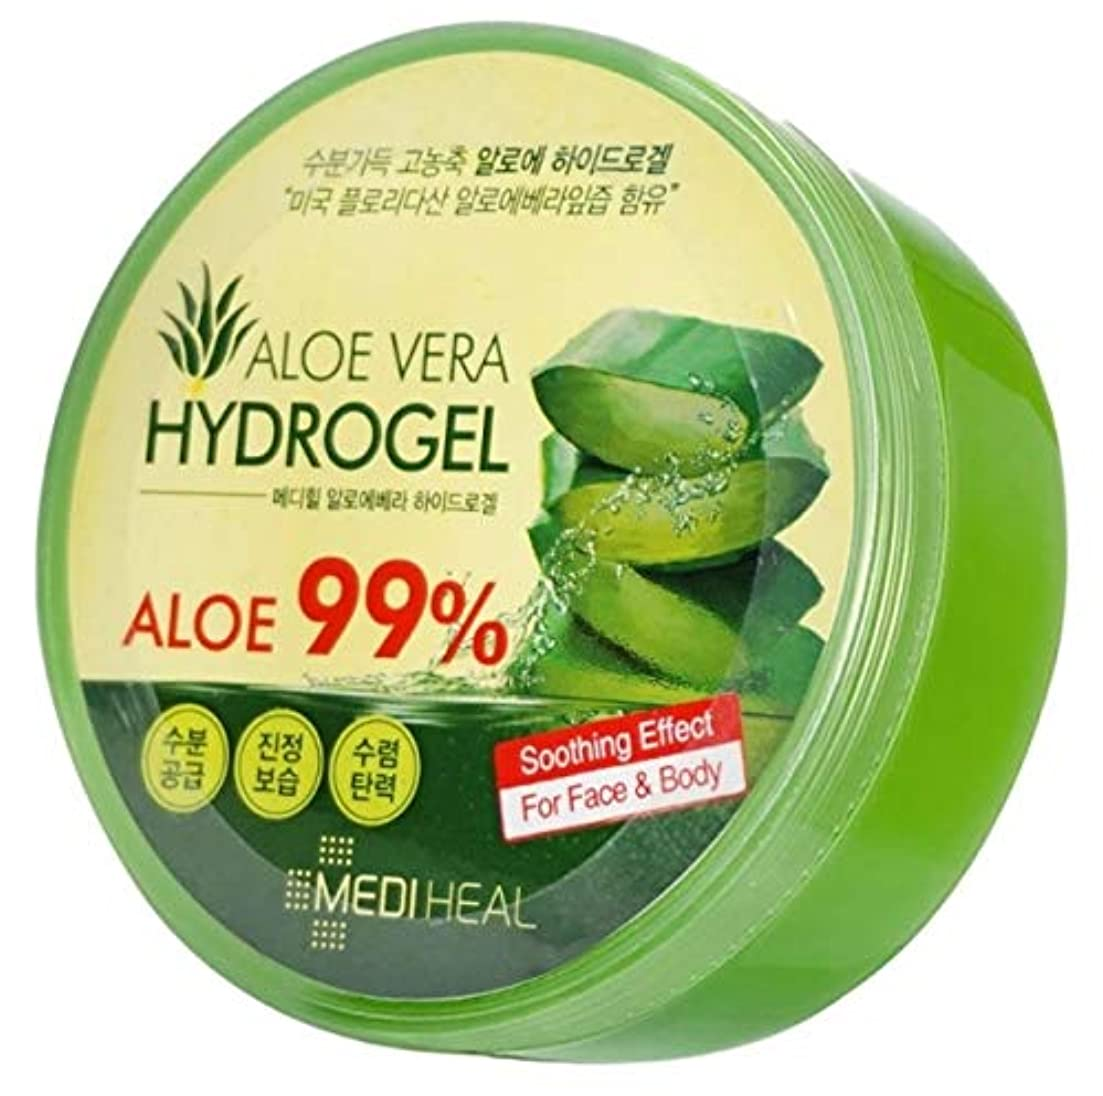 レディ下位九Mediheal メディヒール Skin Soothing なだめるような & Moisture 水分 99% Aloe アロエ Vera Hydro Gels ハイドロゲル